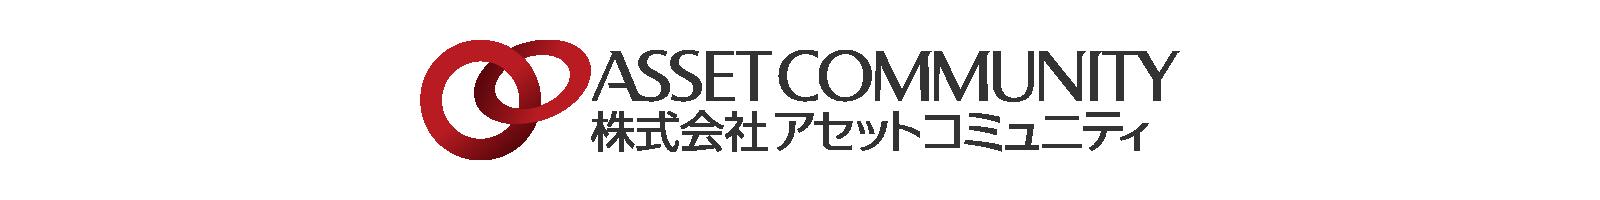 アセットコミュニティ ロゴ